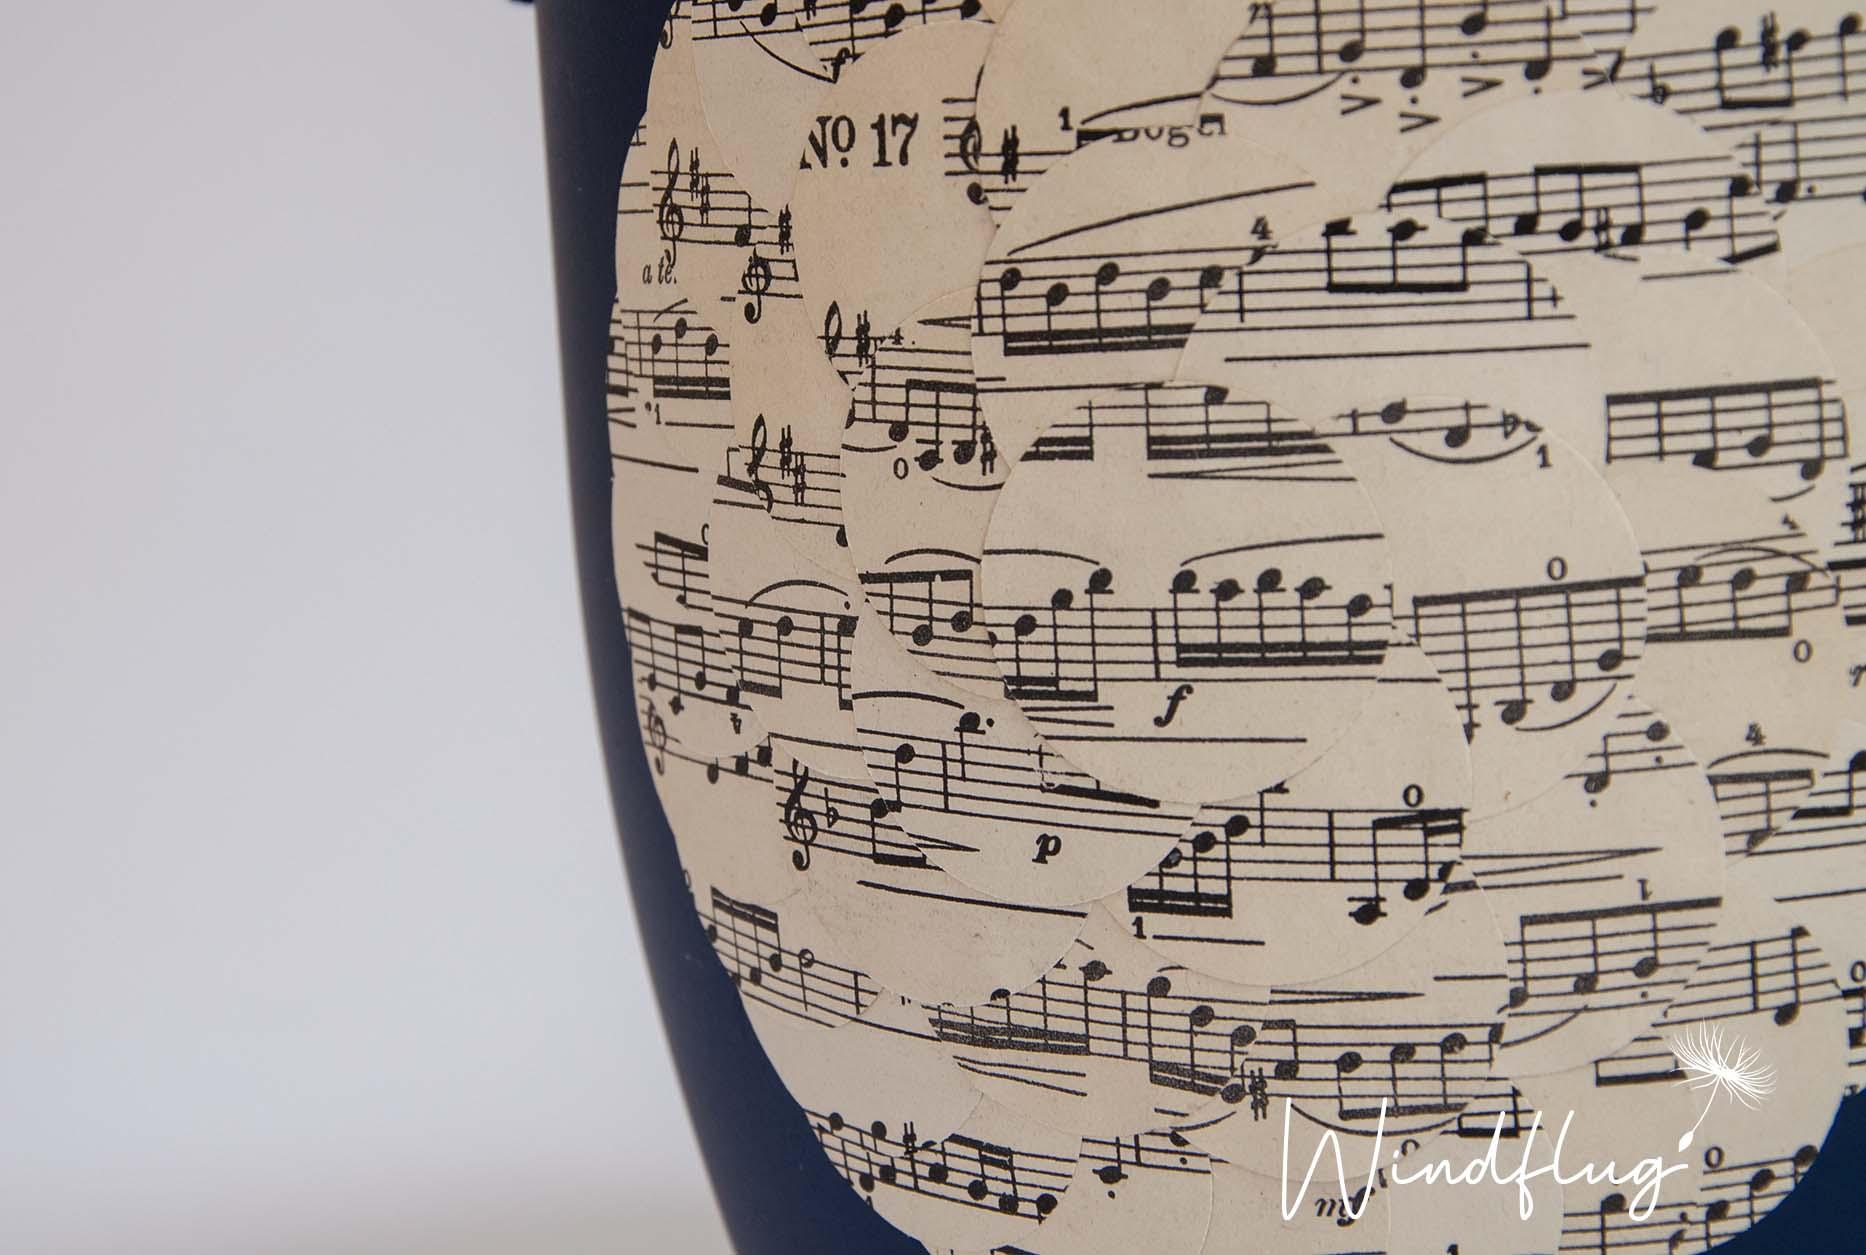 Melodie Kreis